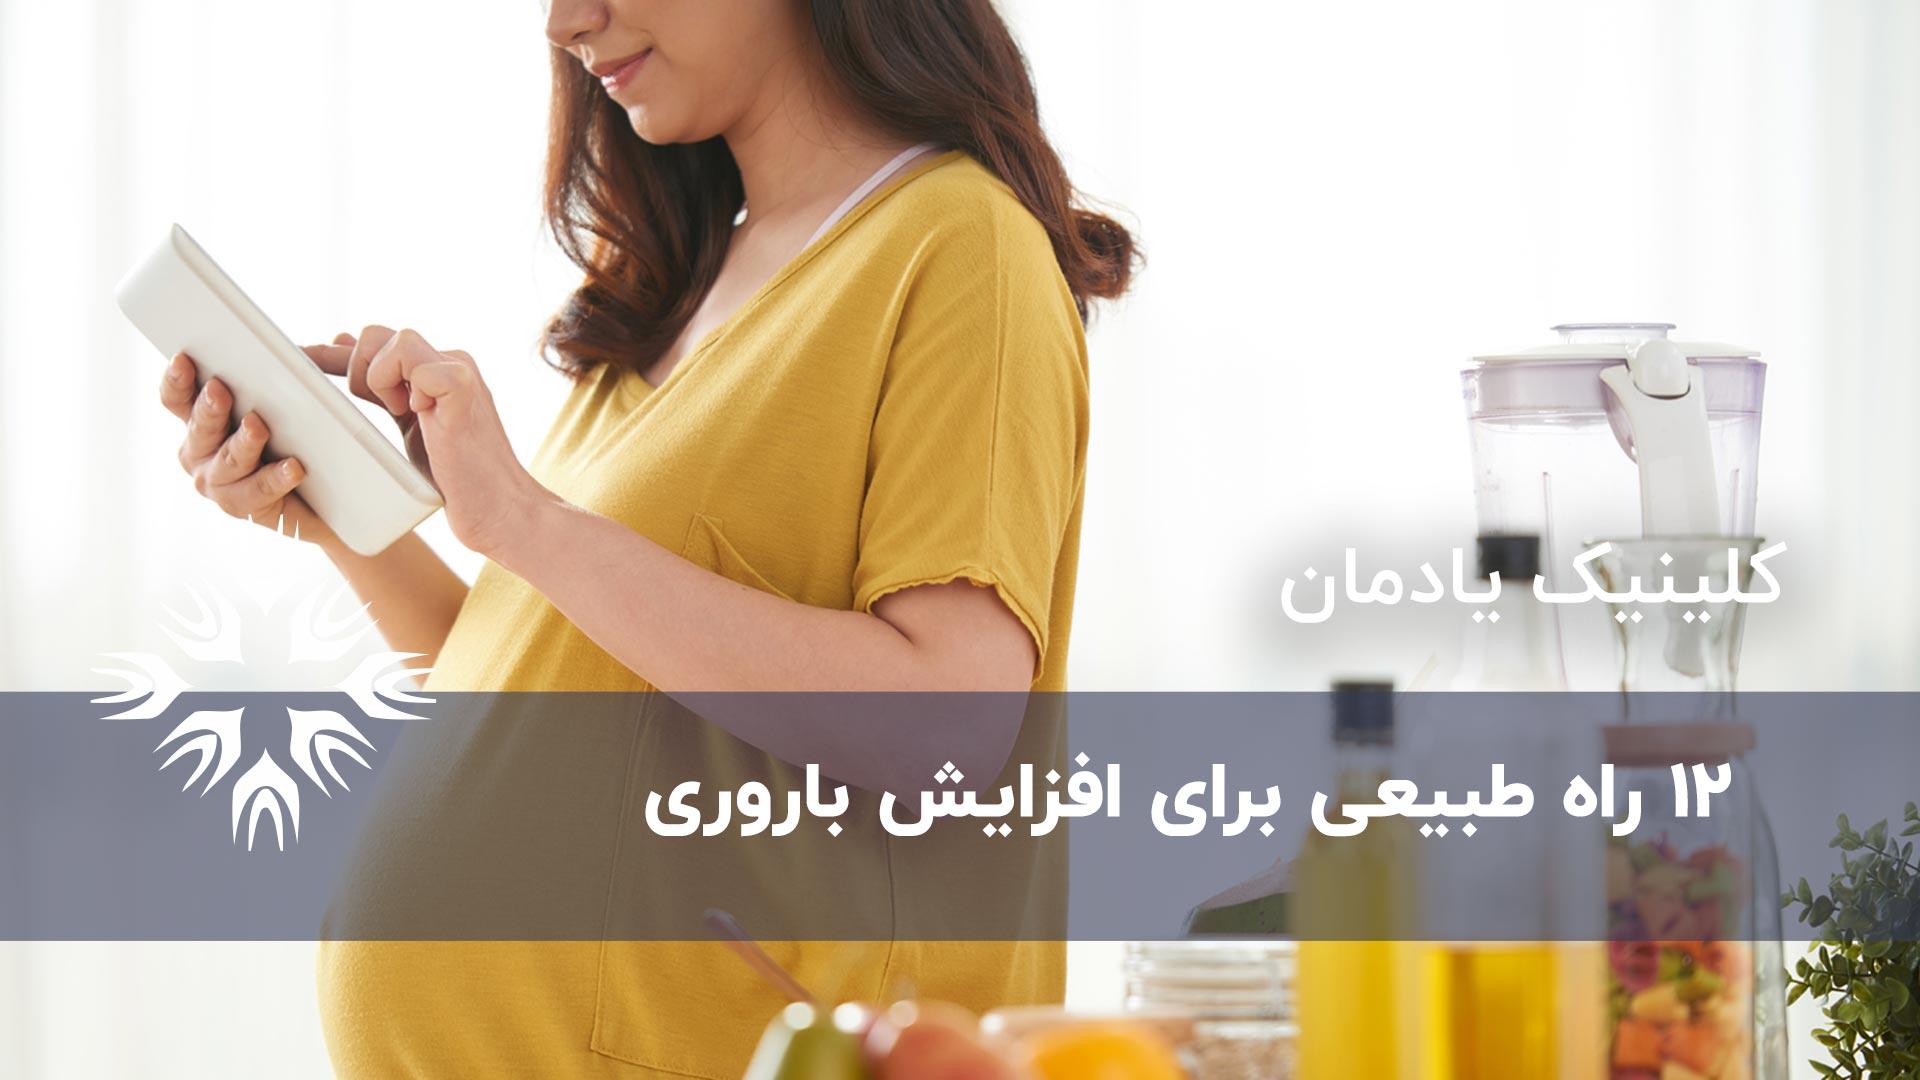 12 راه طبیعی درمانی برای افزایش باروری